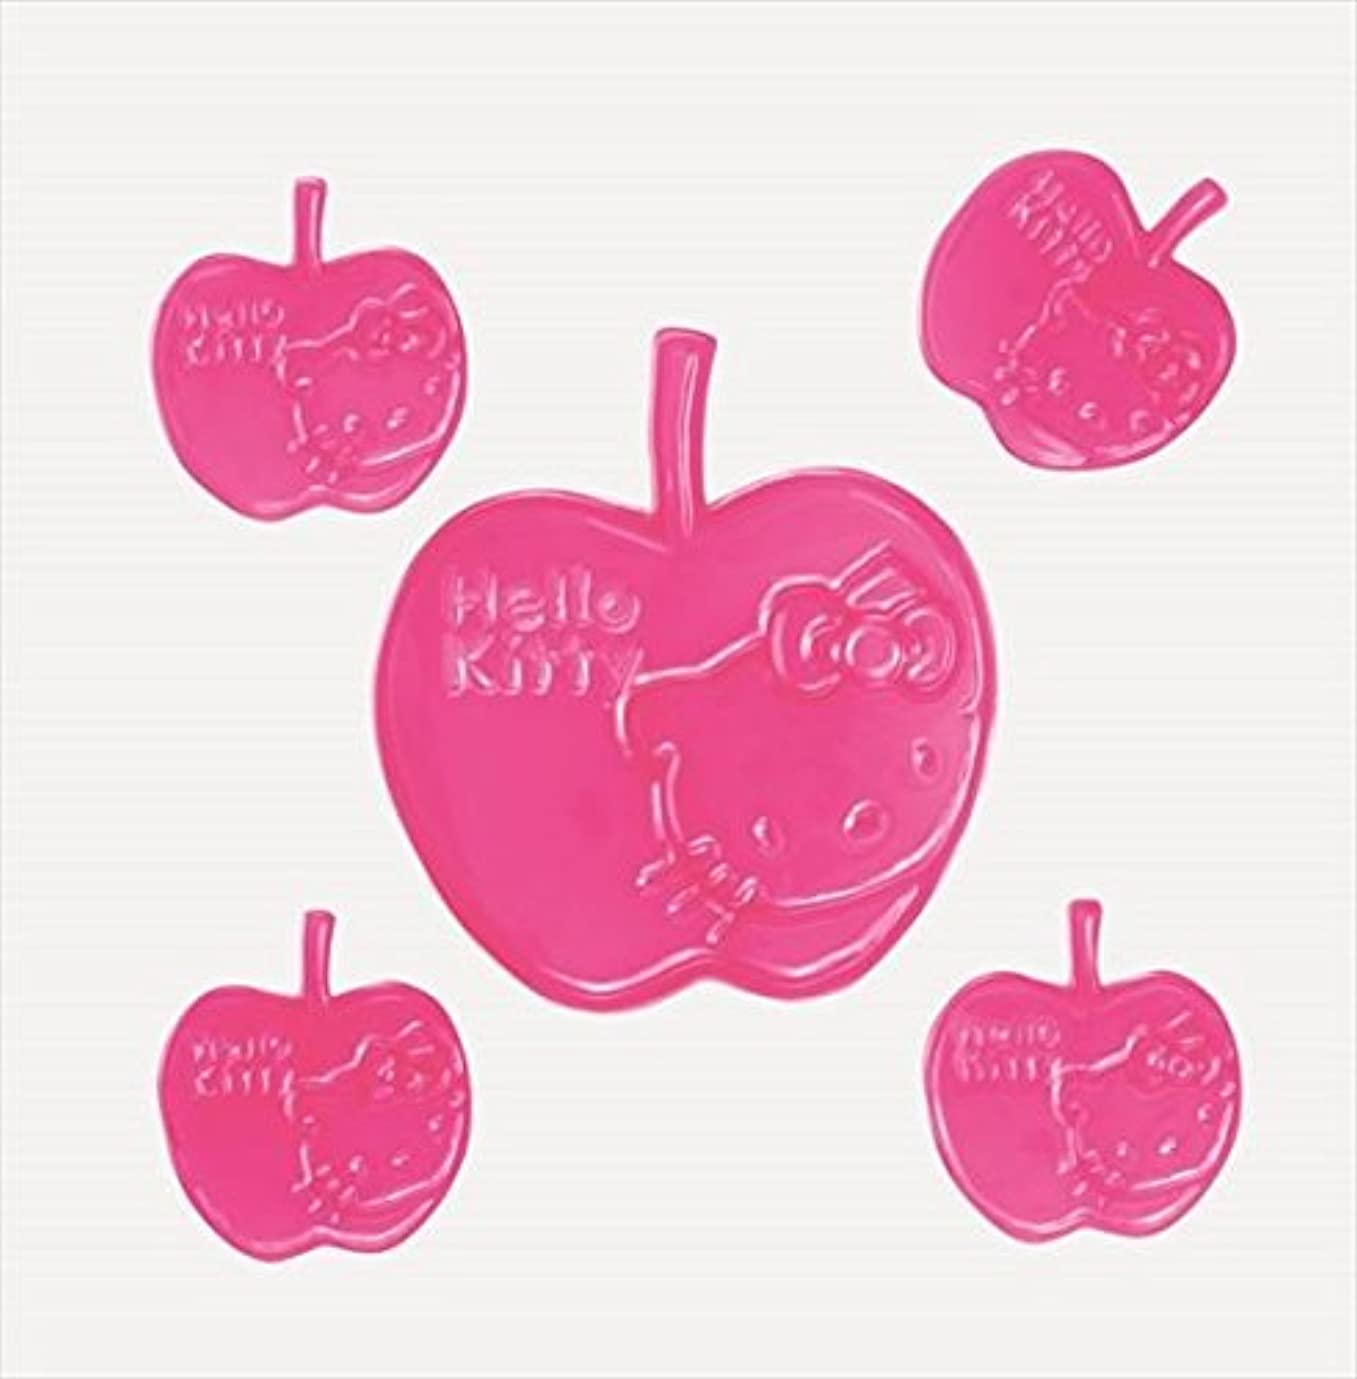 卵流行している定数GelGems(ジェルジェム) ジェルジェムハローキティバッグS 「 ピンクリンゴ 」 E1200002 キャンドル 200x255x5mm (E1200002)